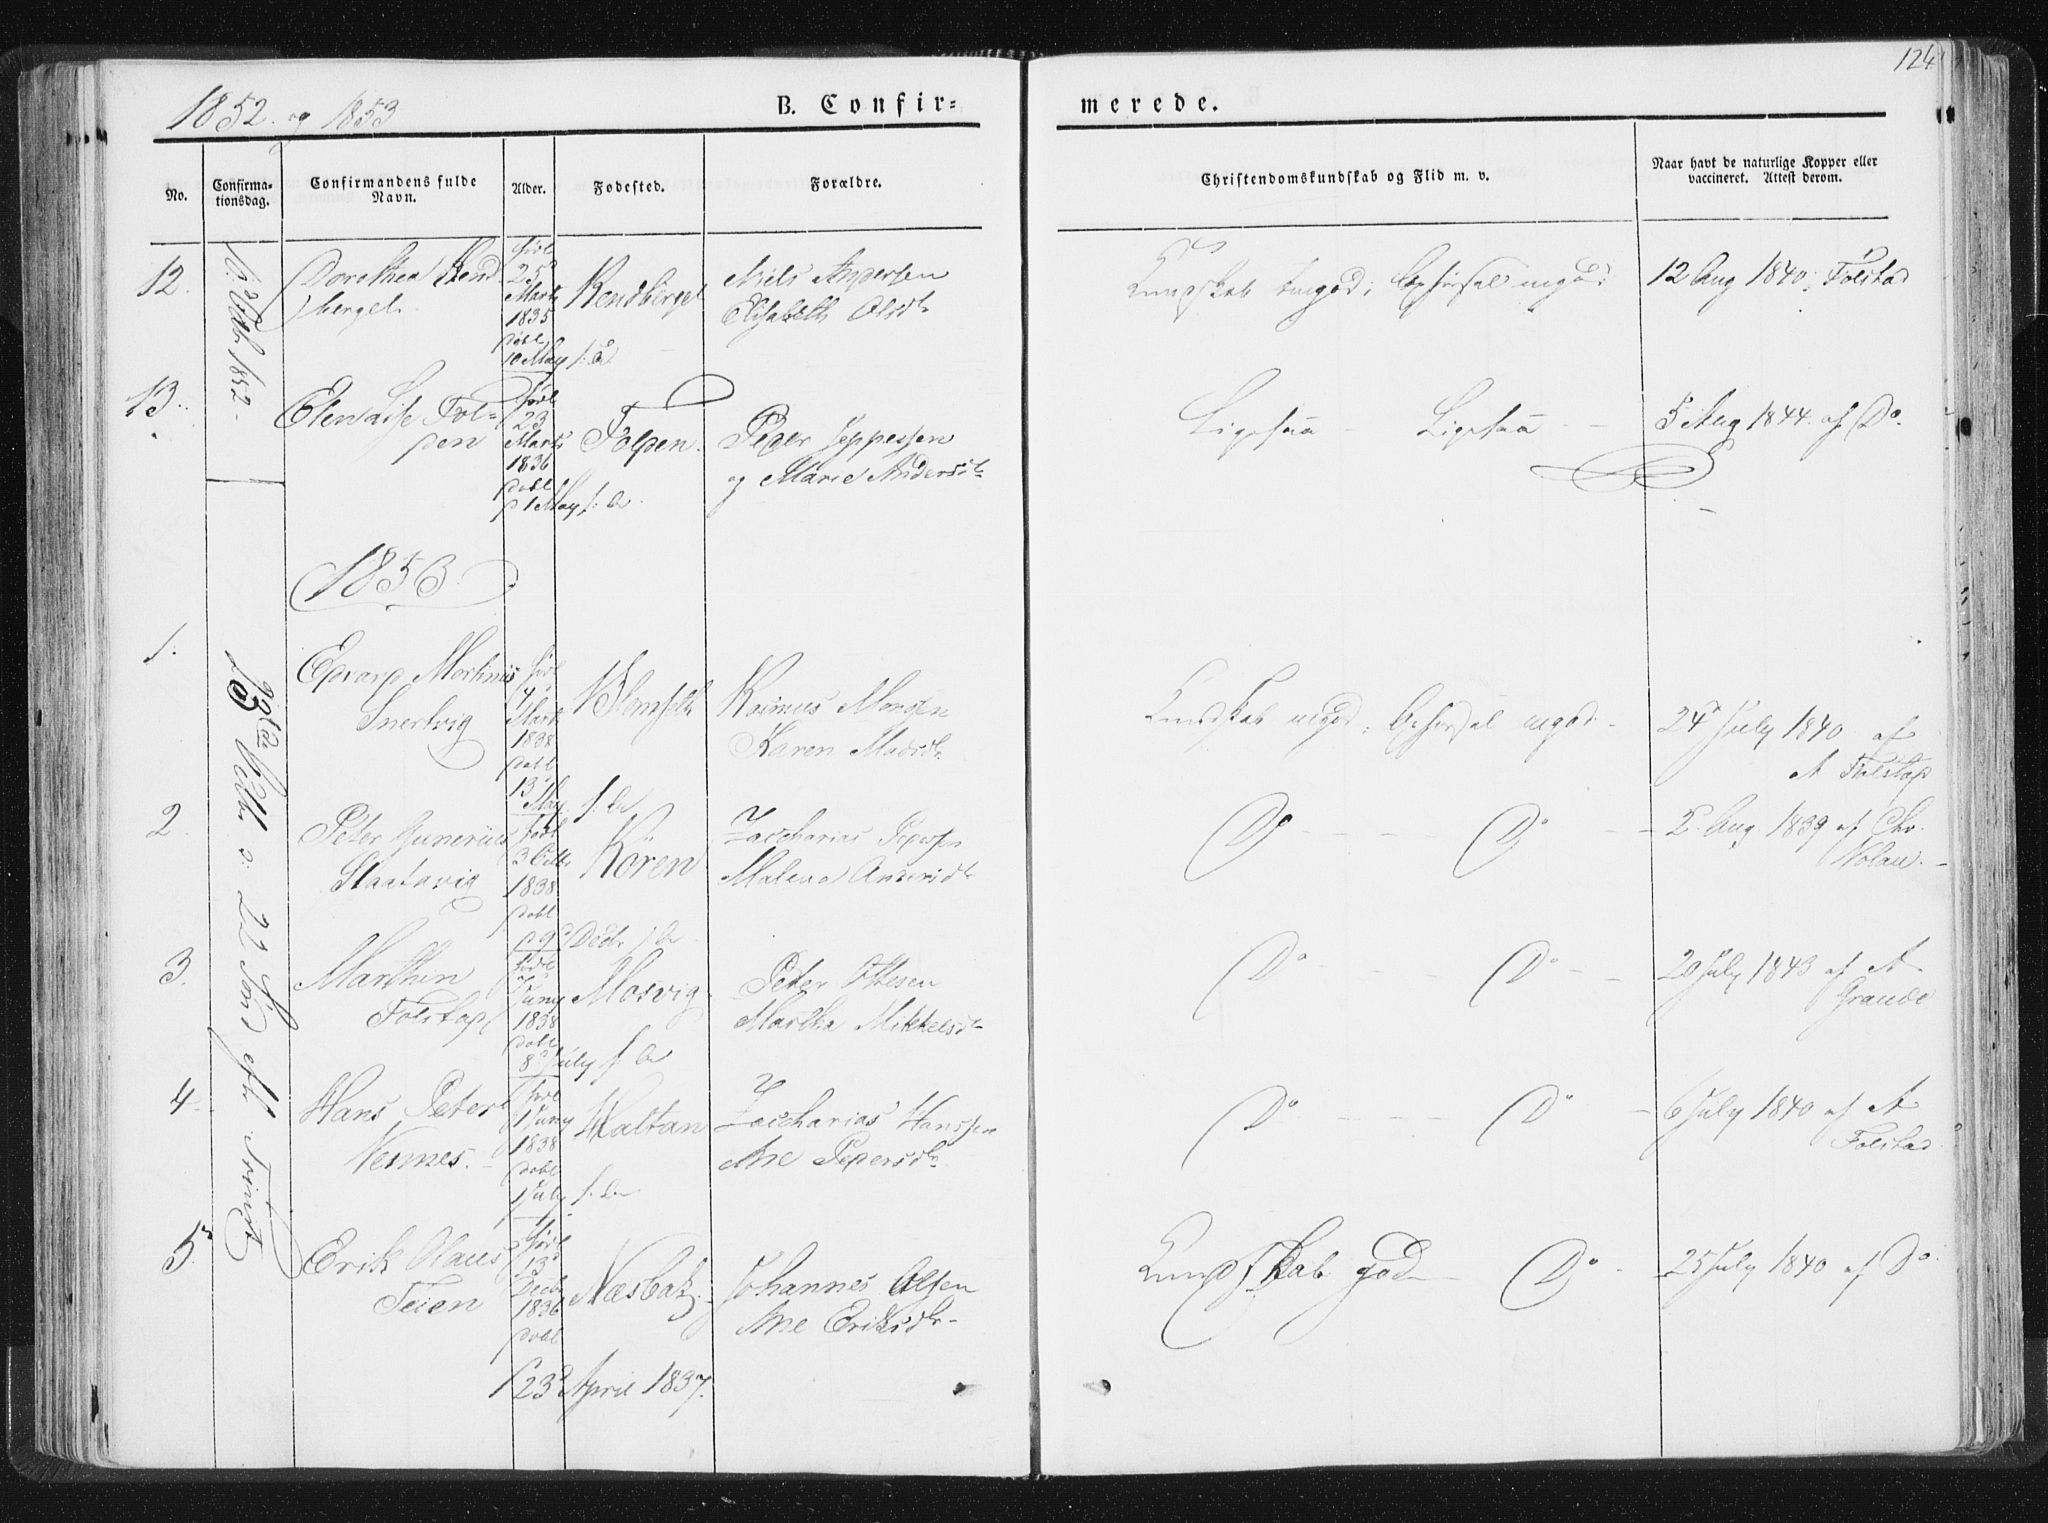 SAT, Ministerialprotokoller, klokkerbøker og fødselsregistre - Nord-Trøndelag, 744/L0418: Ministerialbok nr. 744A02, 1843-1866, s. 124